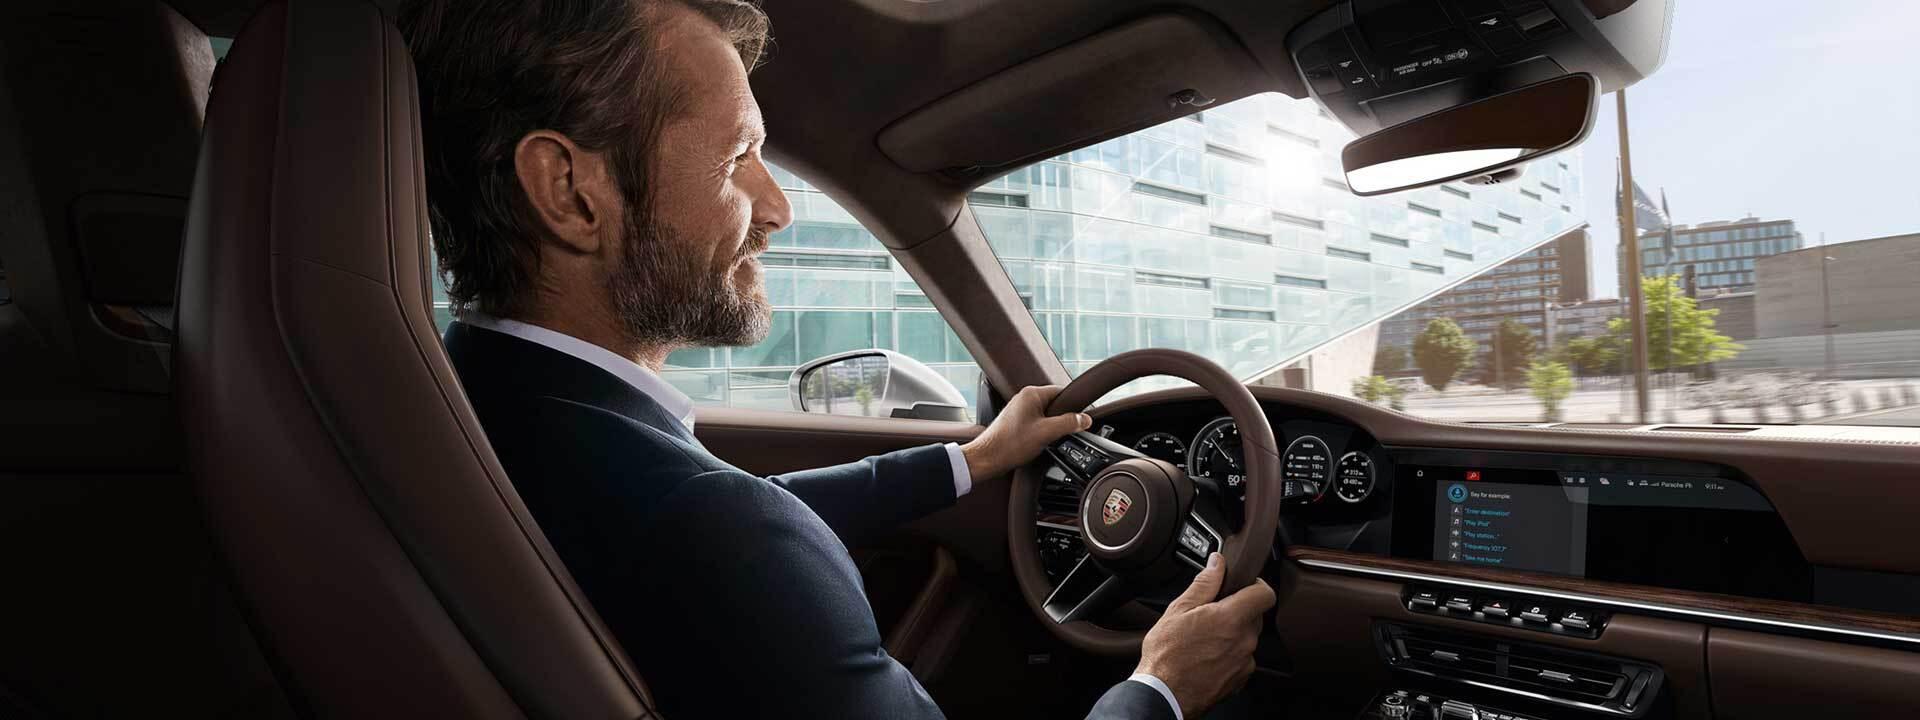 A man sitting in a Porsche in Colorado Springs, CO